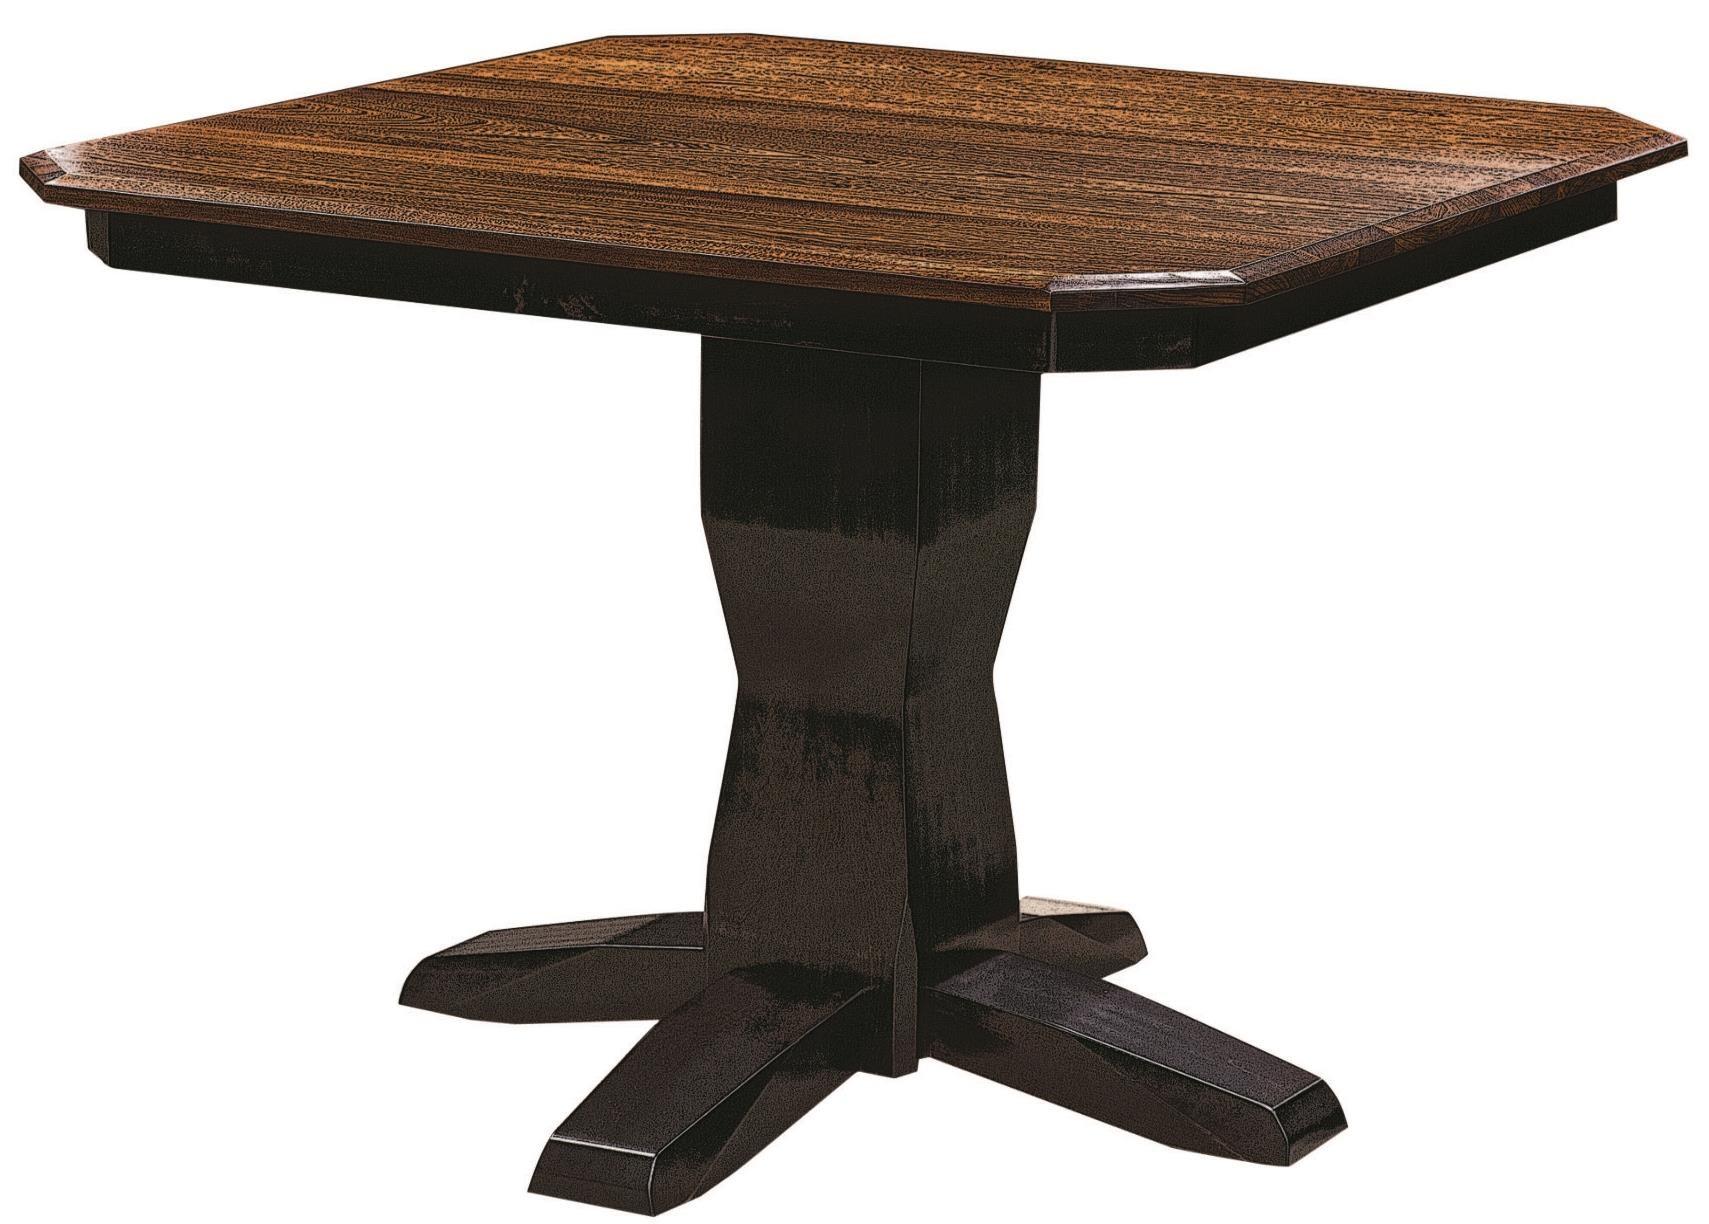 Bevel Shaker Single Pedestal Table